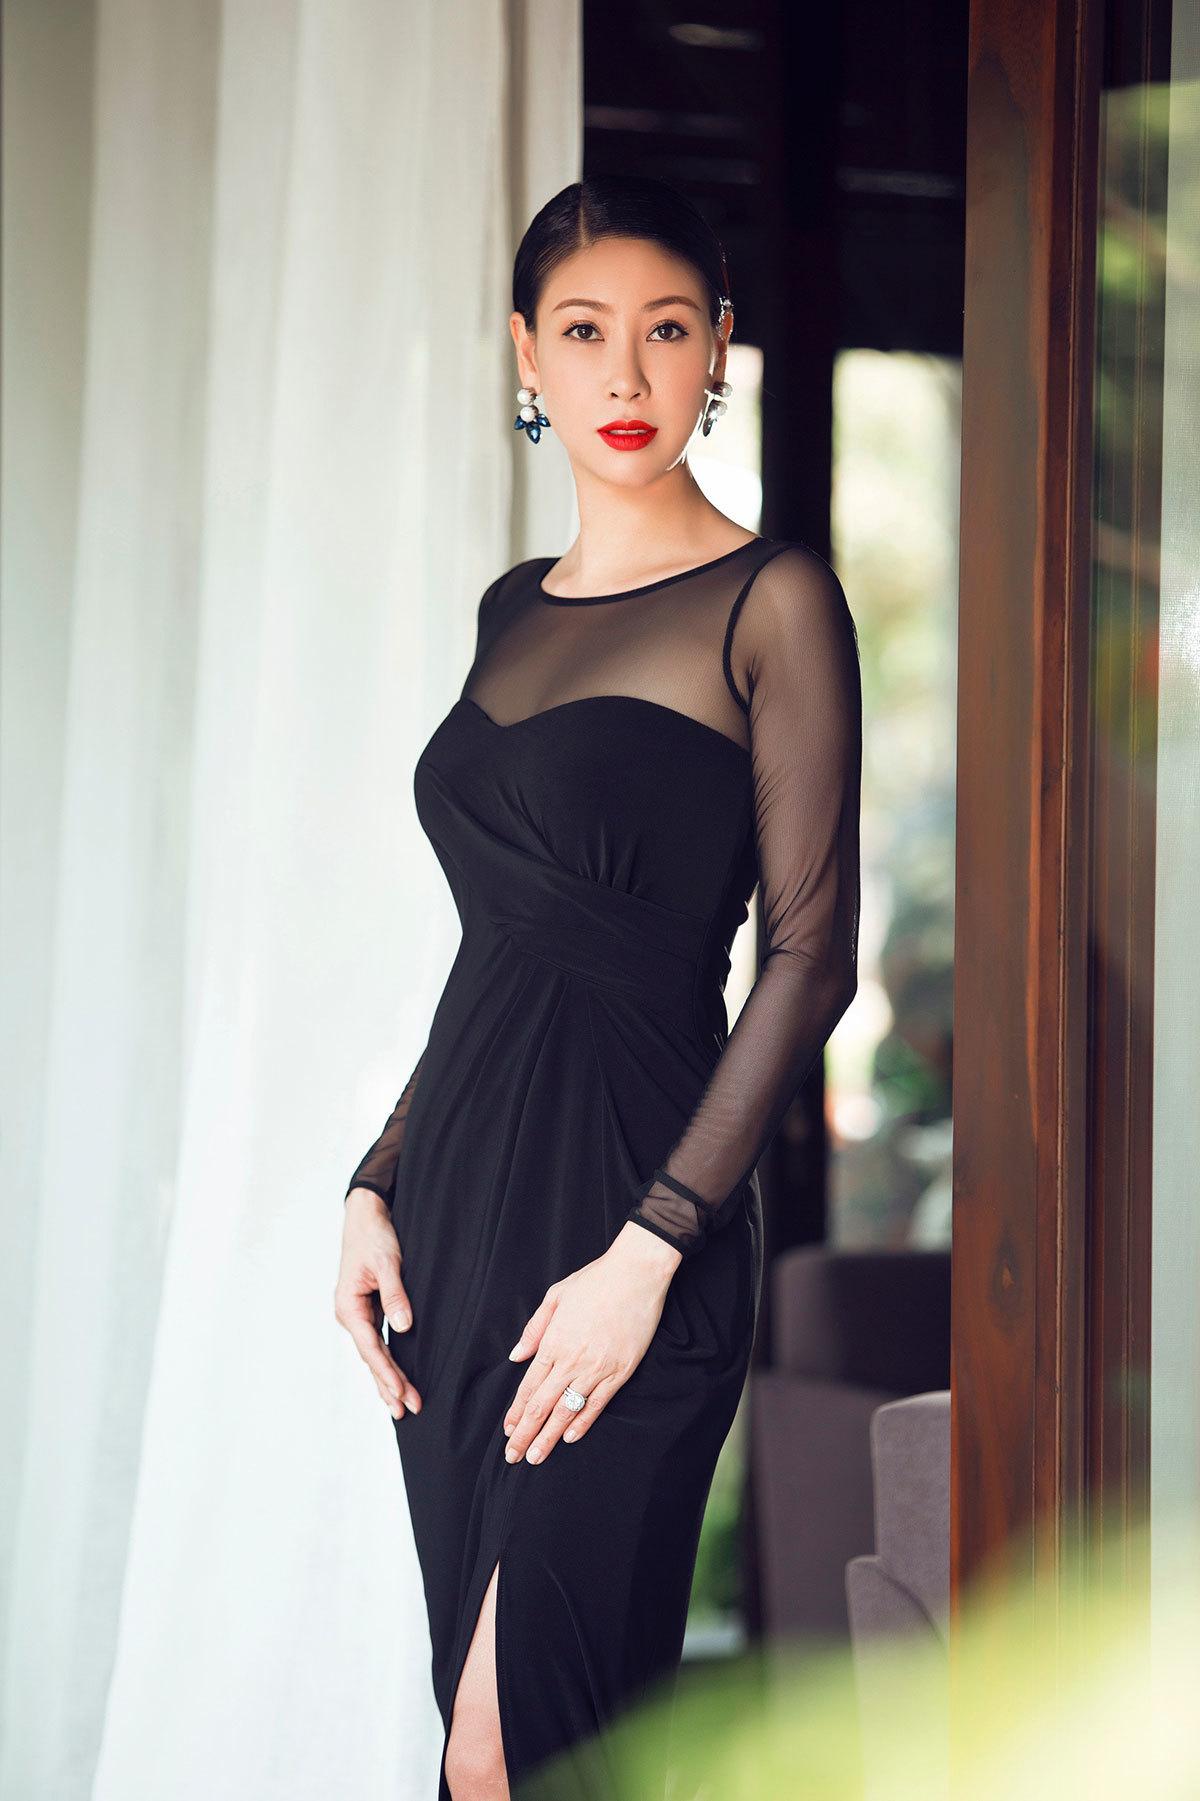 Hà Kiều Anh, hoa hậu 3 con nóng bỏng khó tin ở tuổi 44